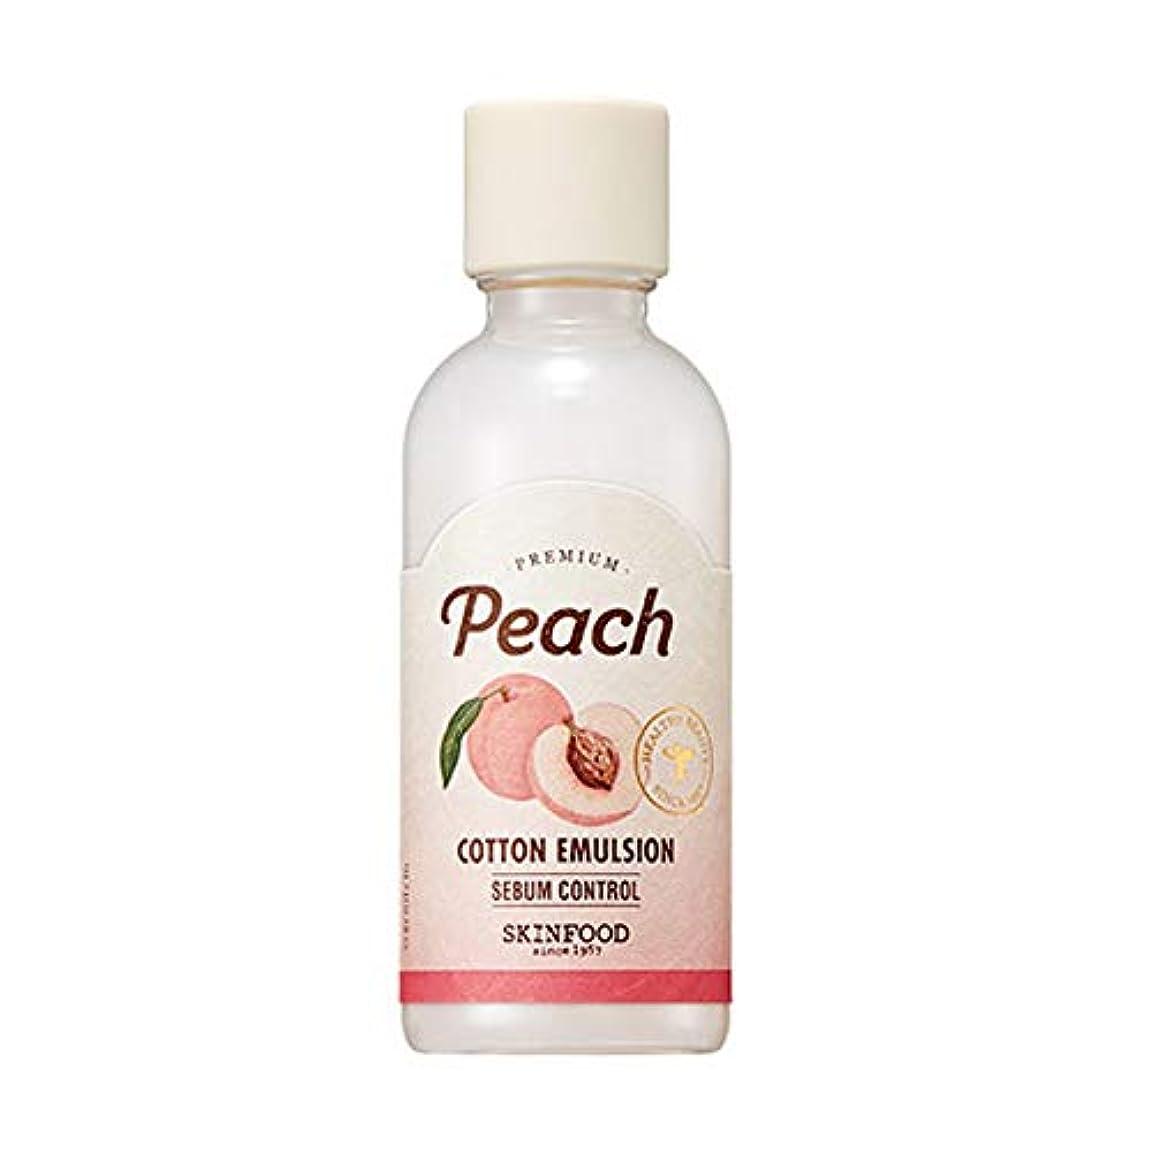 メルボルン数値アジテーションSkinfood プレミアムピーチコットンエマルジョン/Premium Peach Cotton Emulsion 160ml [並行輸入品]